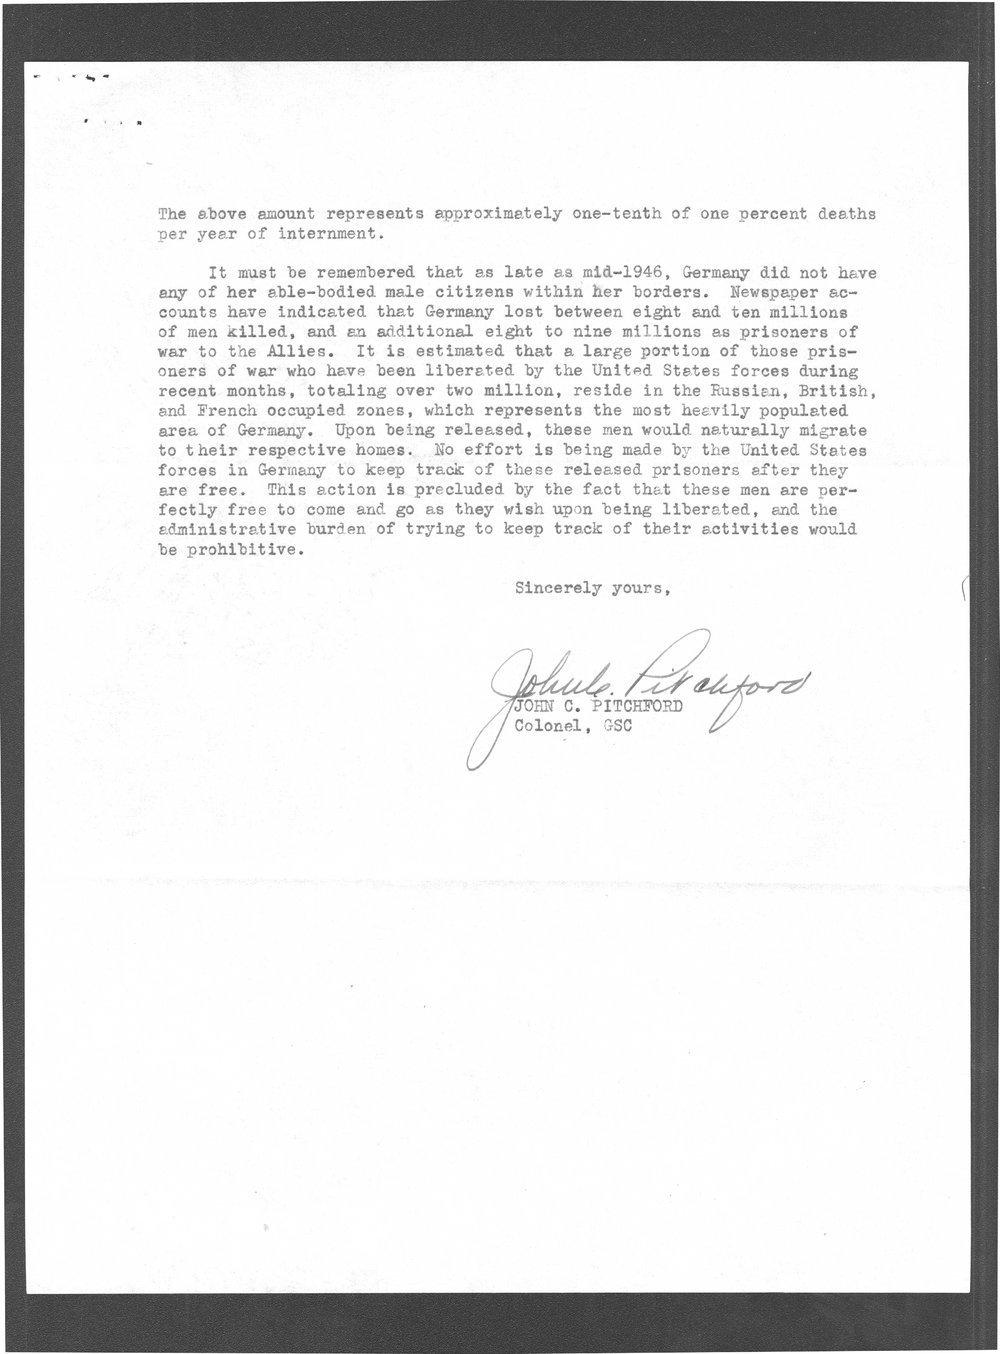 Colonel John C. Pitchford to Senator Arthur Capper - 3